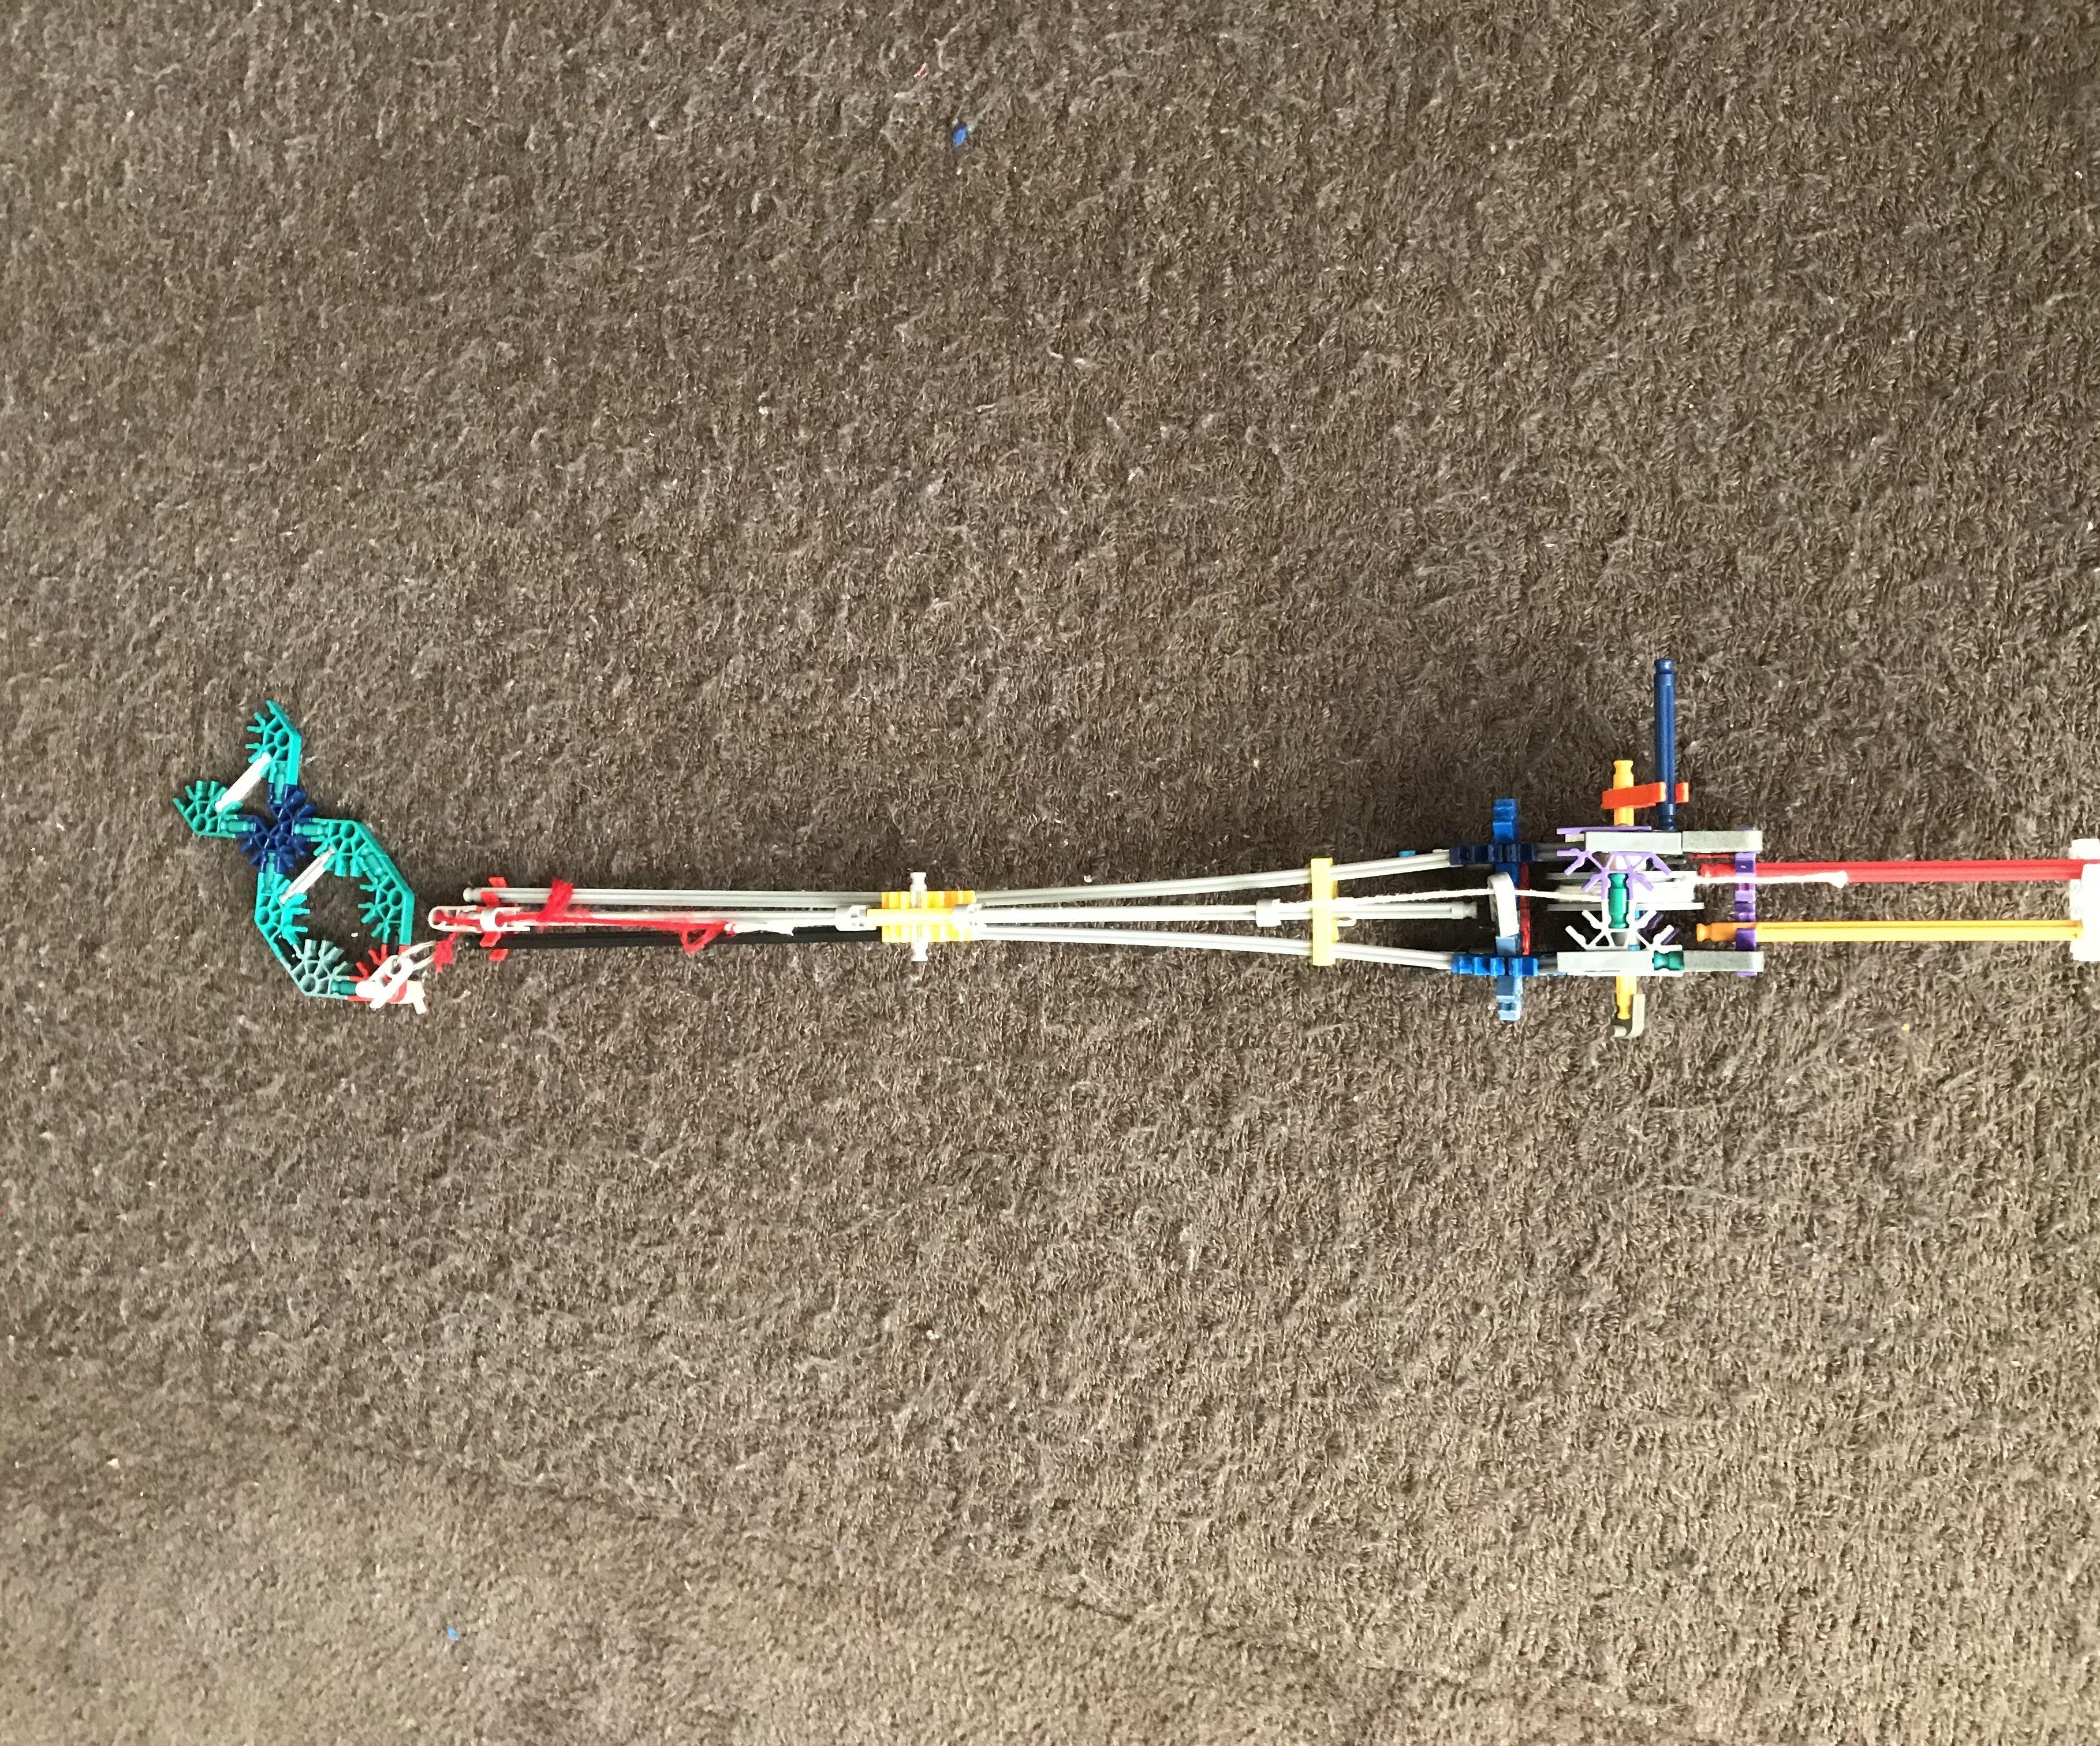 Knex Fishing Rod